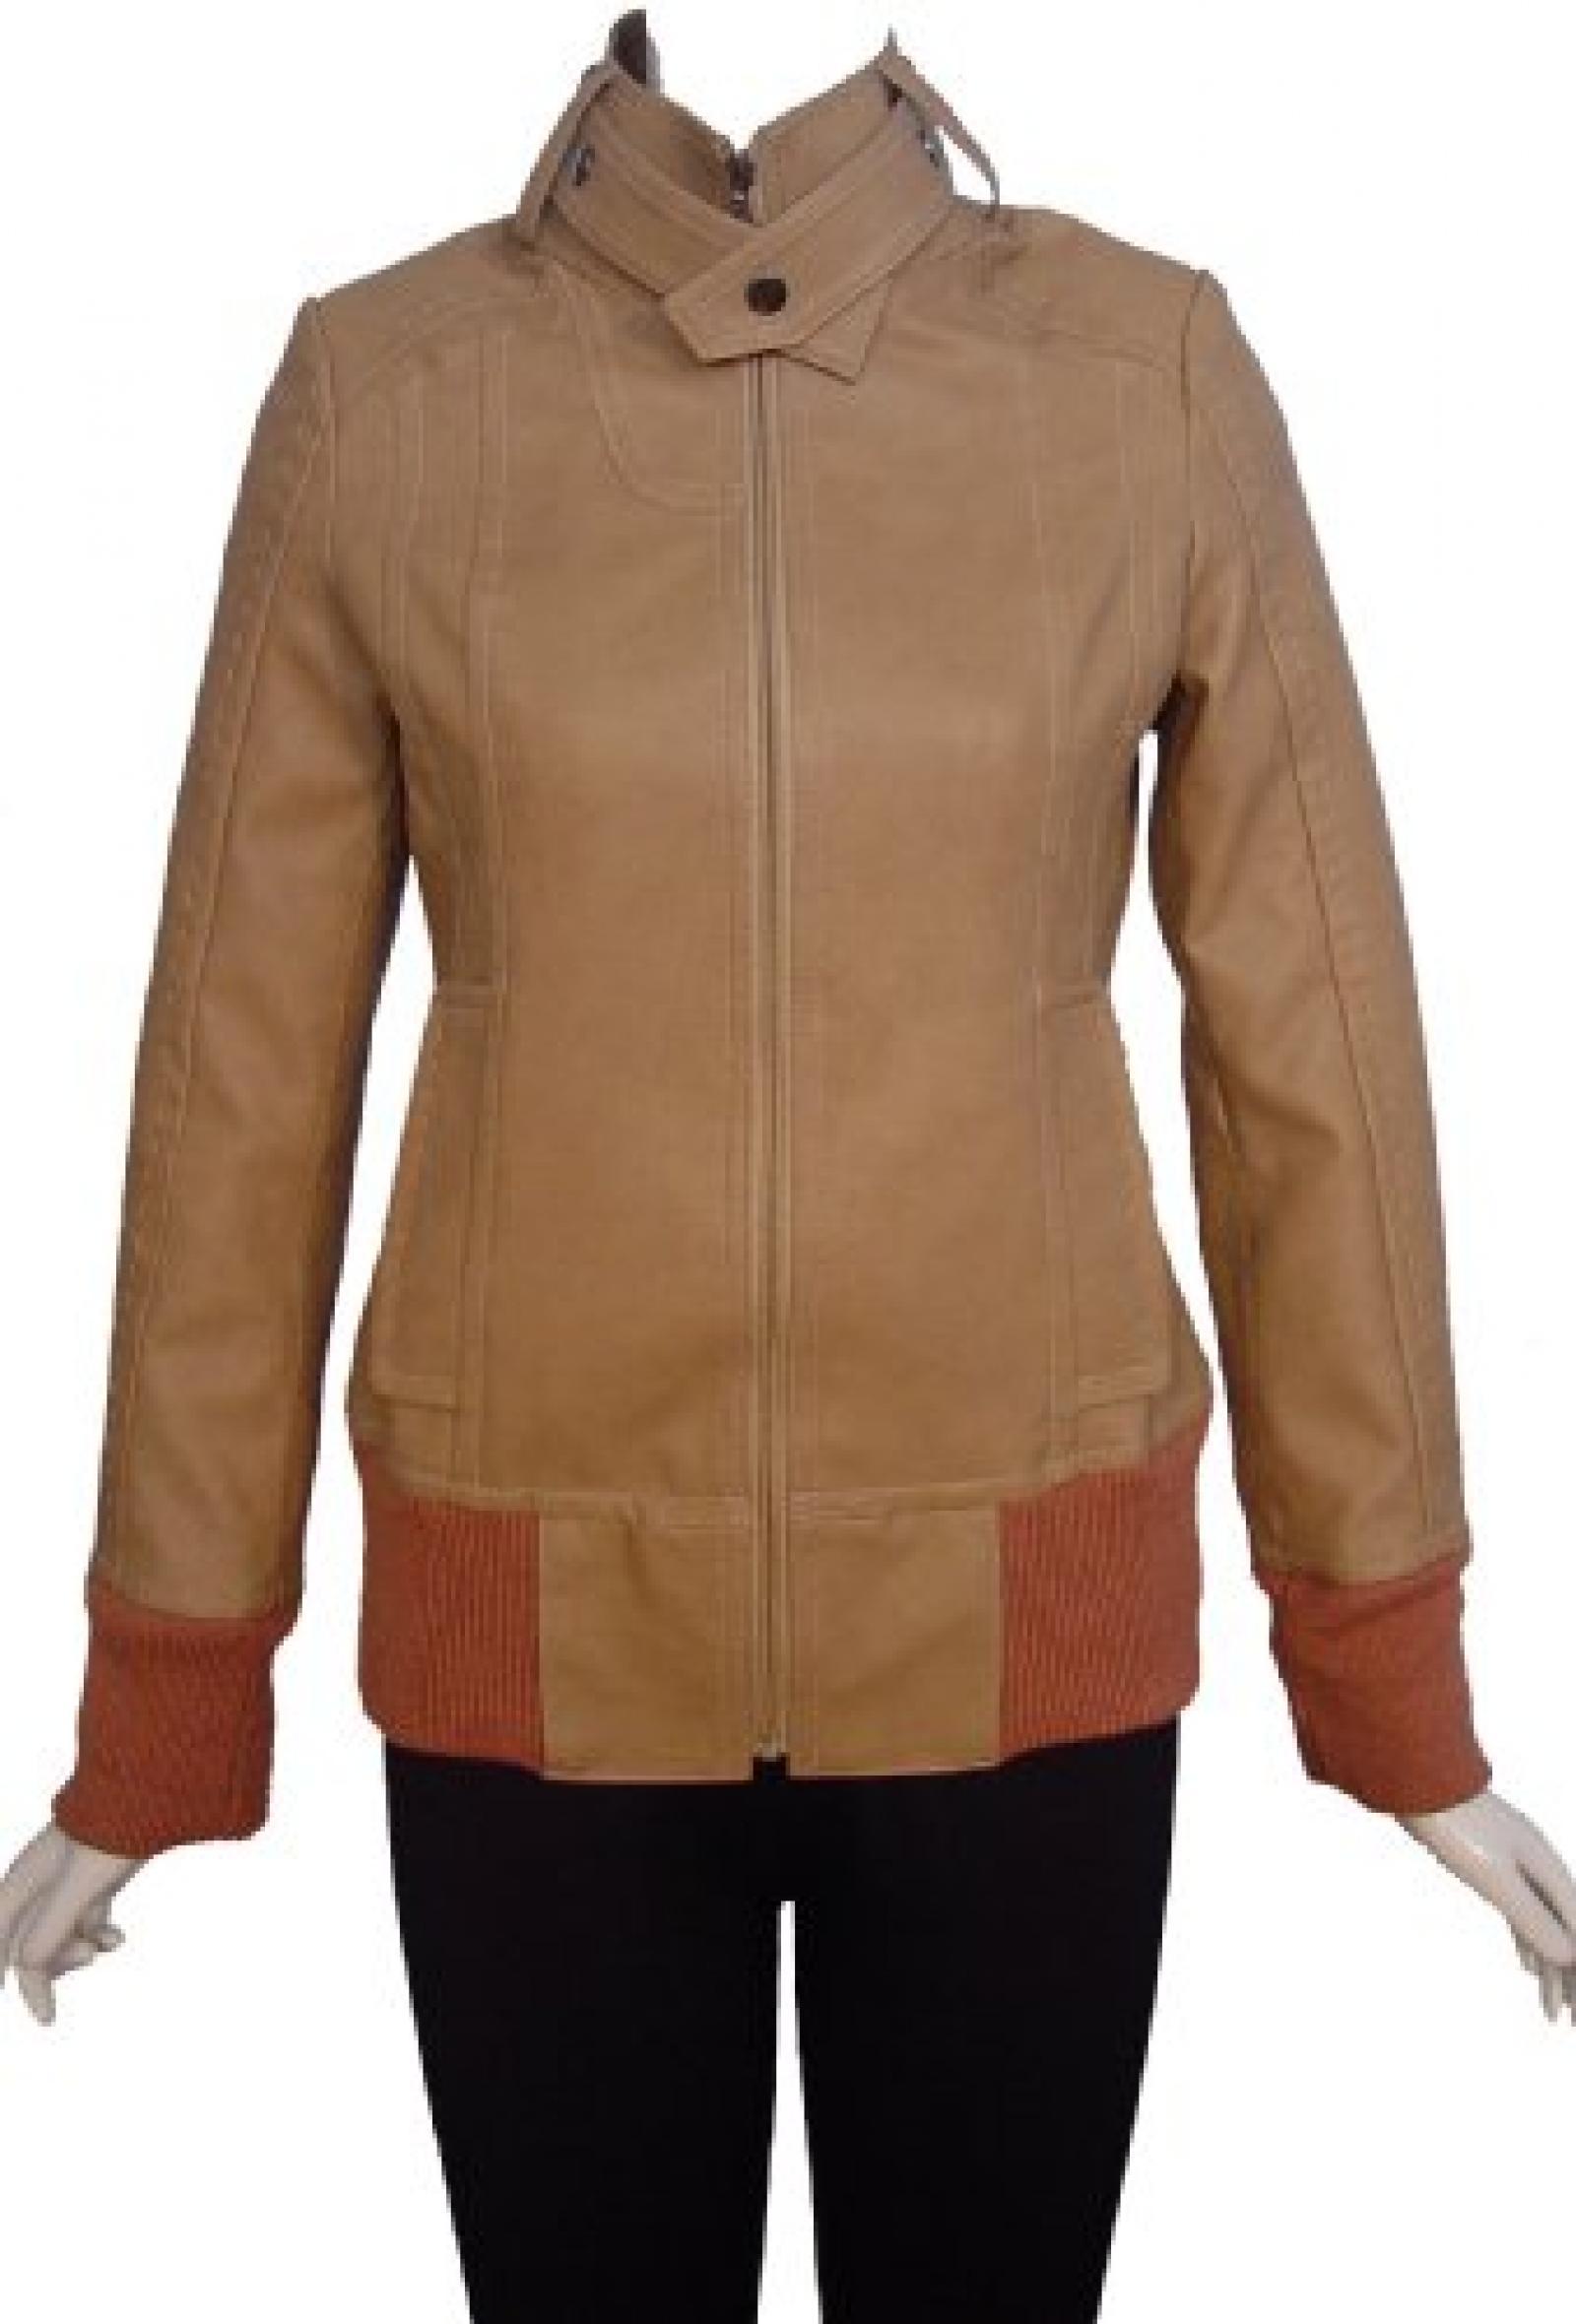 Nettailor Women PLUS SIZE 4206 Soft Leather Casual Short Jacket Zip Front Knit